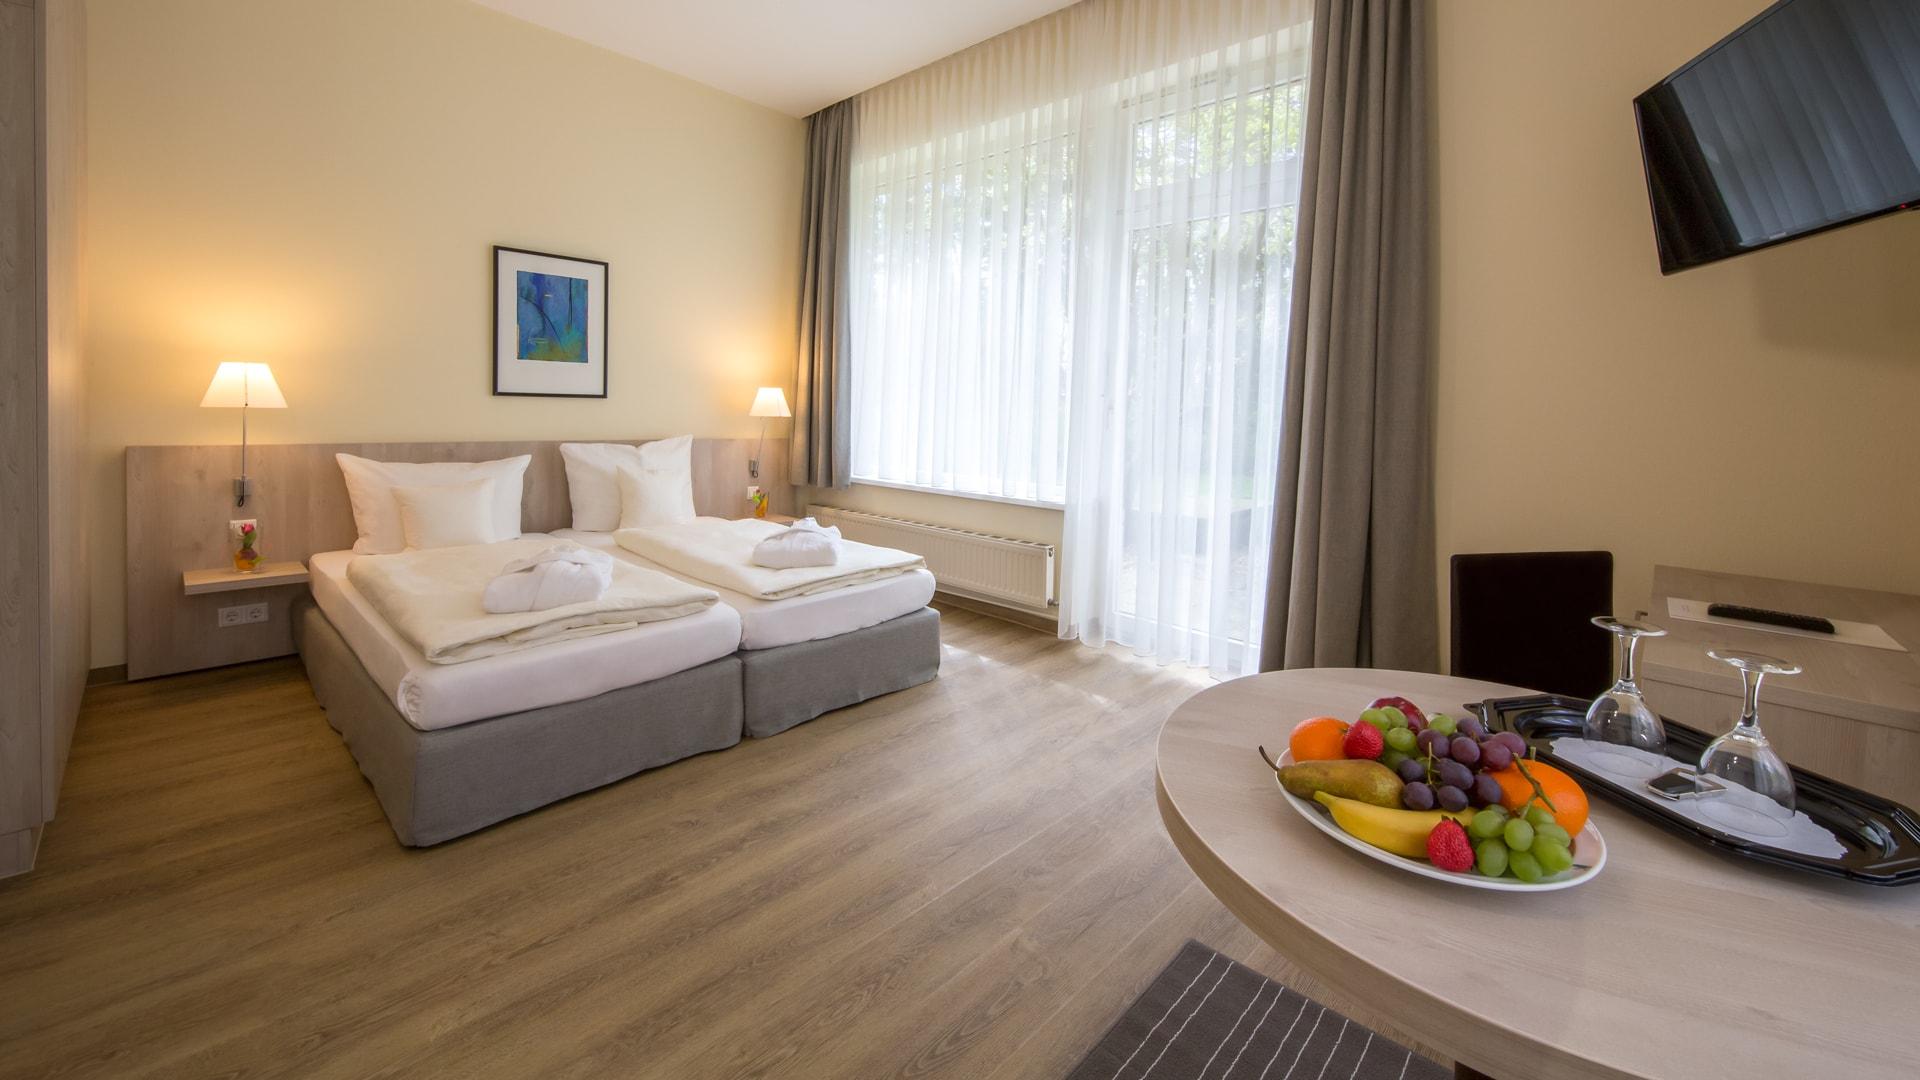 35 Michels_Hotels_Waldresidenz_Bernau_Ferienwohnung_H504_Doppelbett